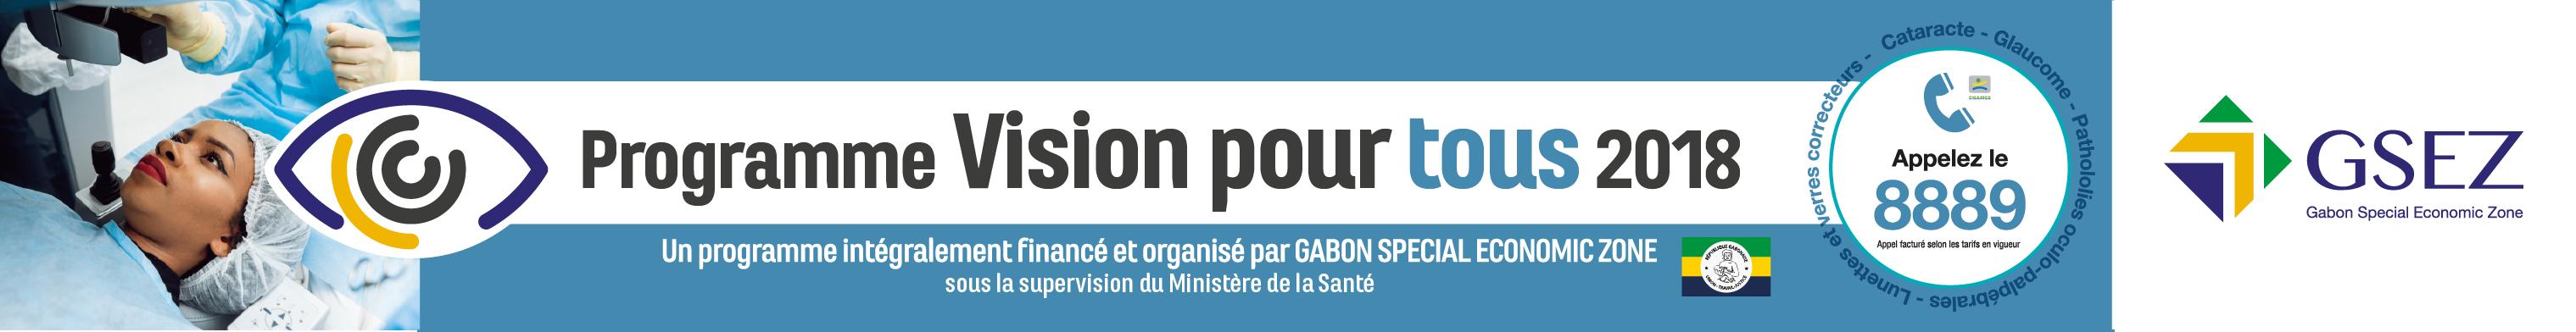 PUBLICITÉS A LA UNE